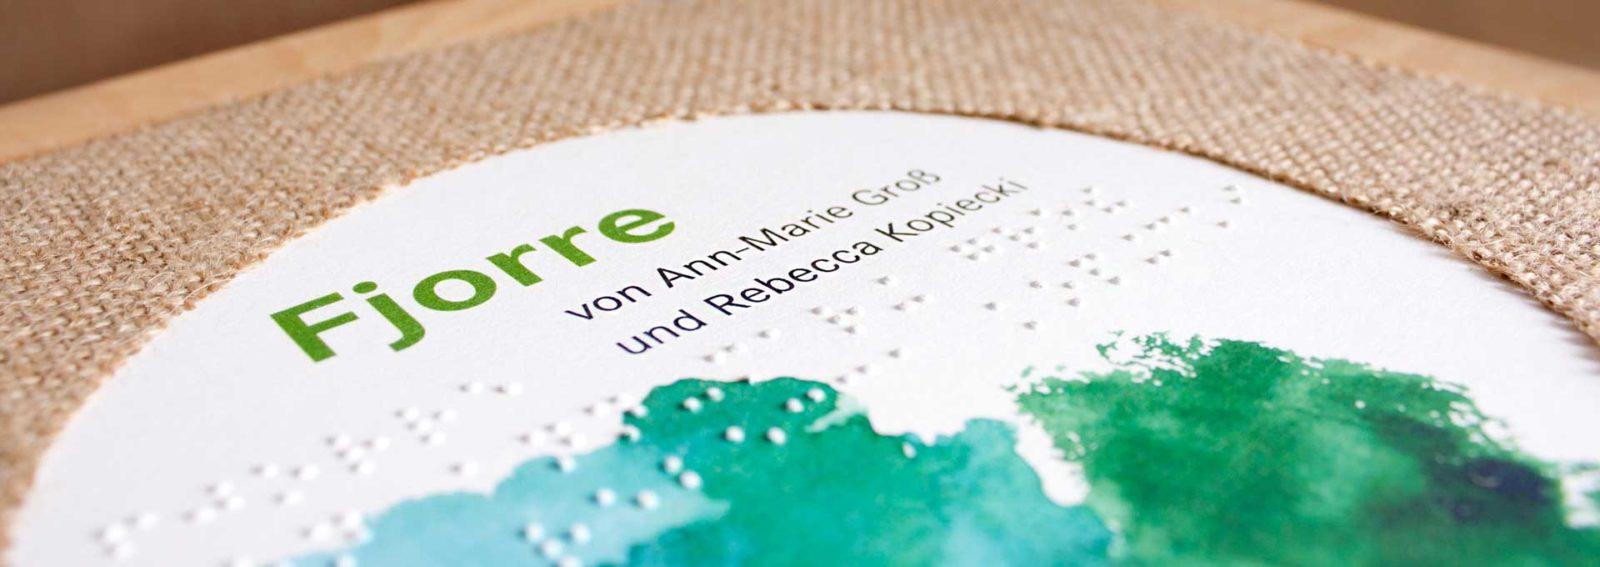 """Titelseite des Inklusiven Kinderbuchs """"Fjorre"""" von Ann-Marie Groß und Rebecca Kopiecki. Der Titel besteht aus einer Holzseite mit aufgebrachtem Text in Schwarzdruck und Braille. Um die Schrift herum ist ein Einband aus Jute angebracht."""